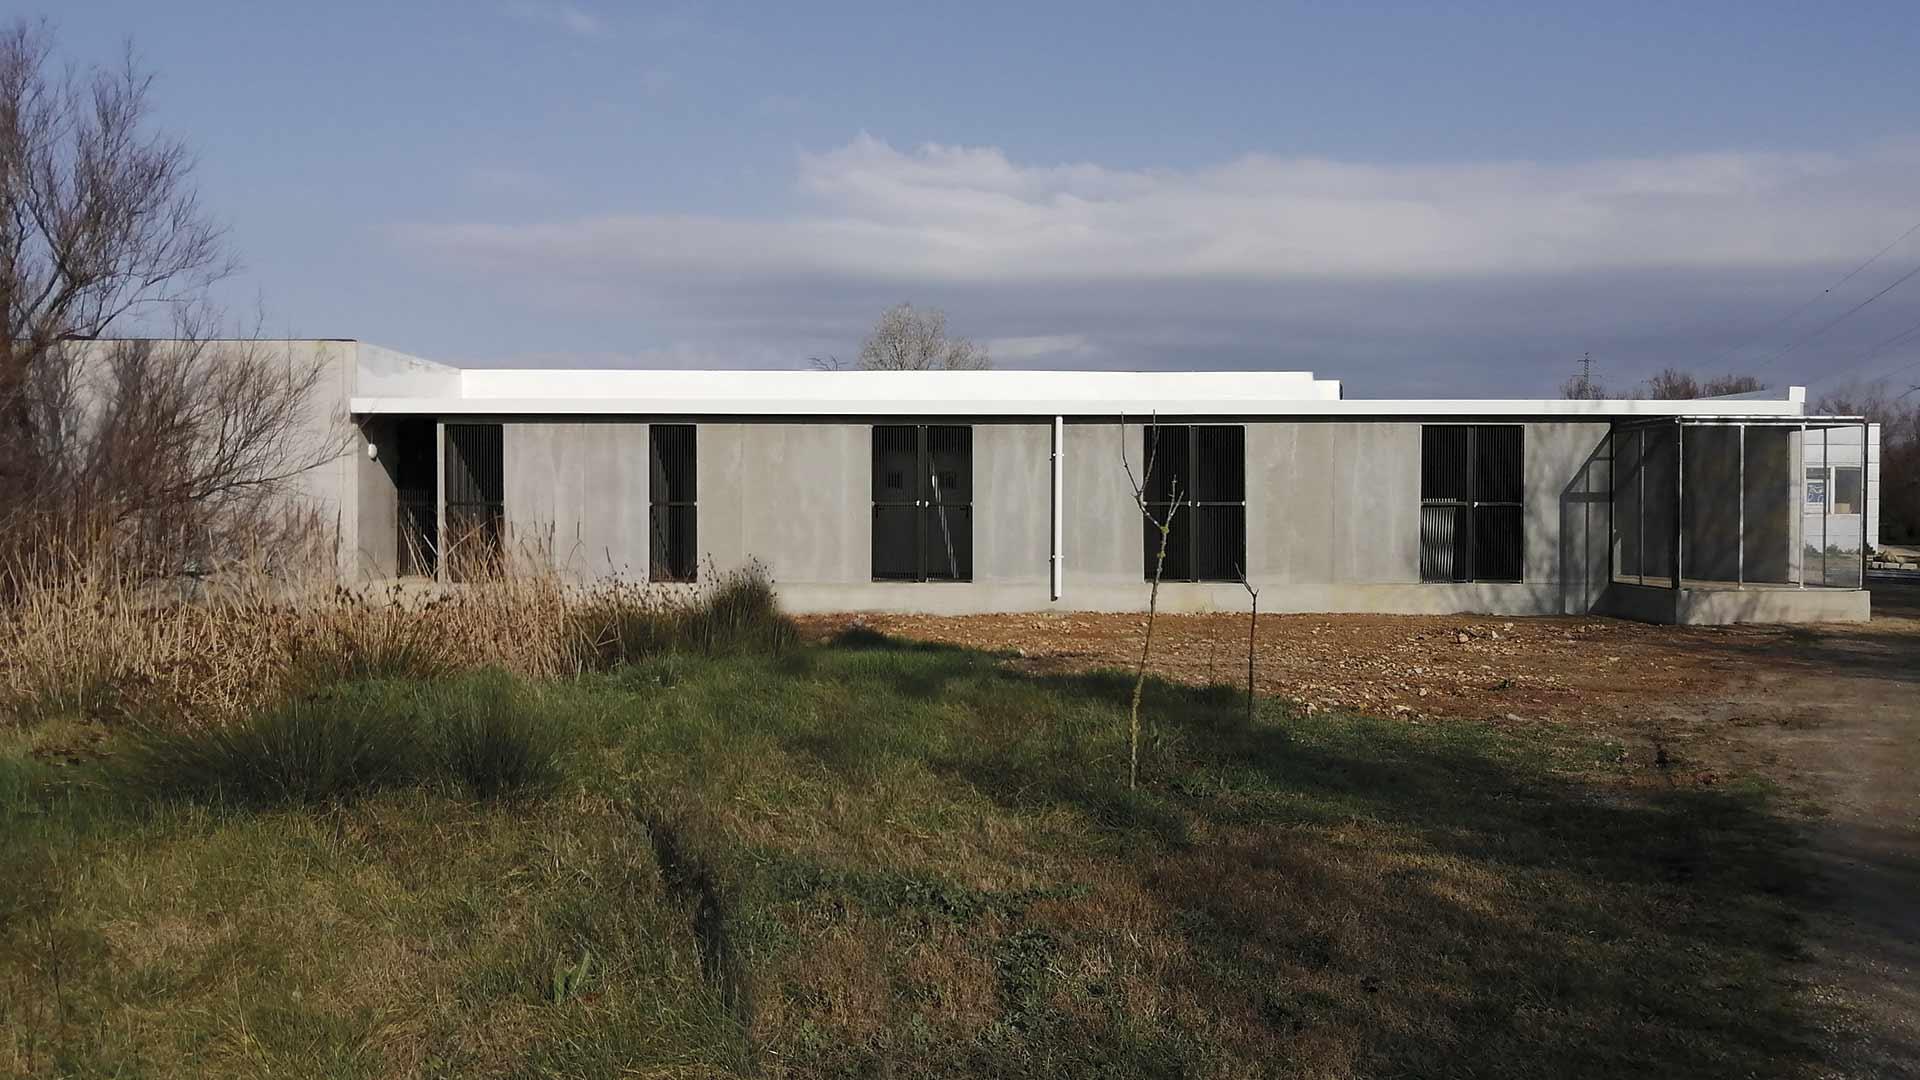 Edificio prefabricado del nuevo centro de recuperación de fauna salvaje